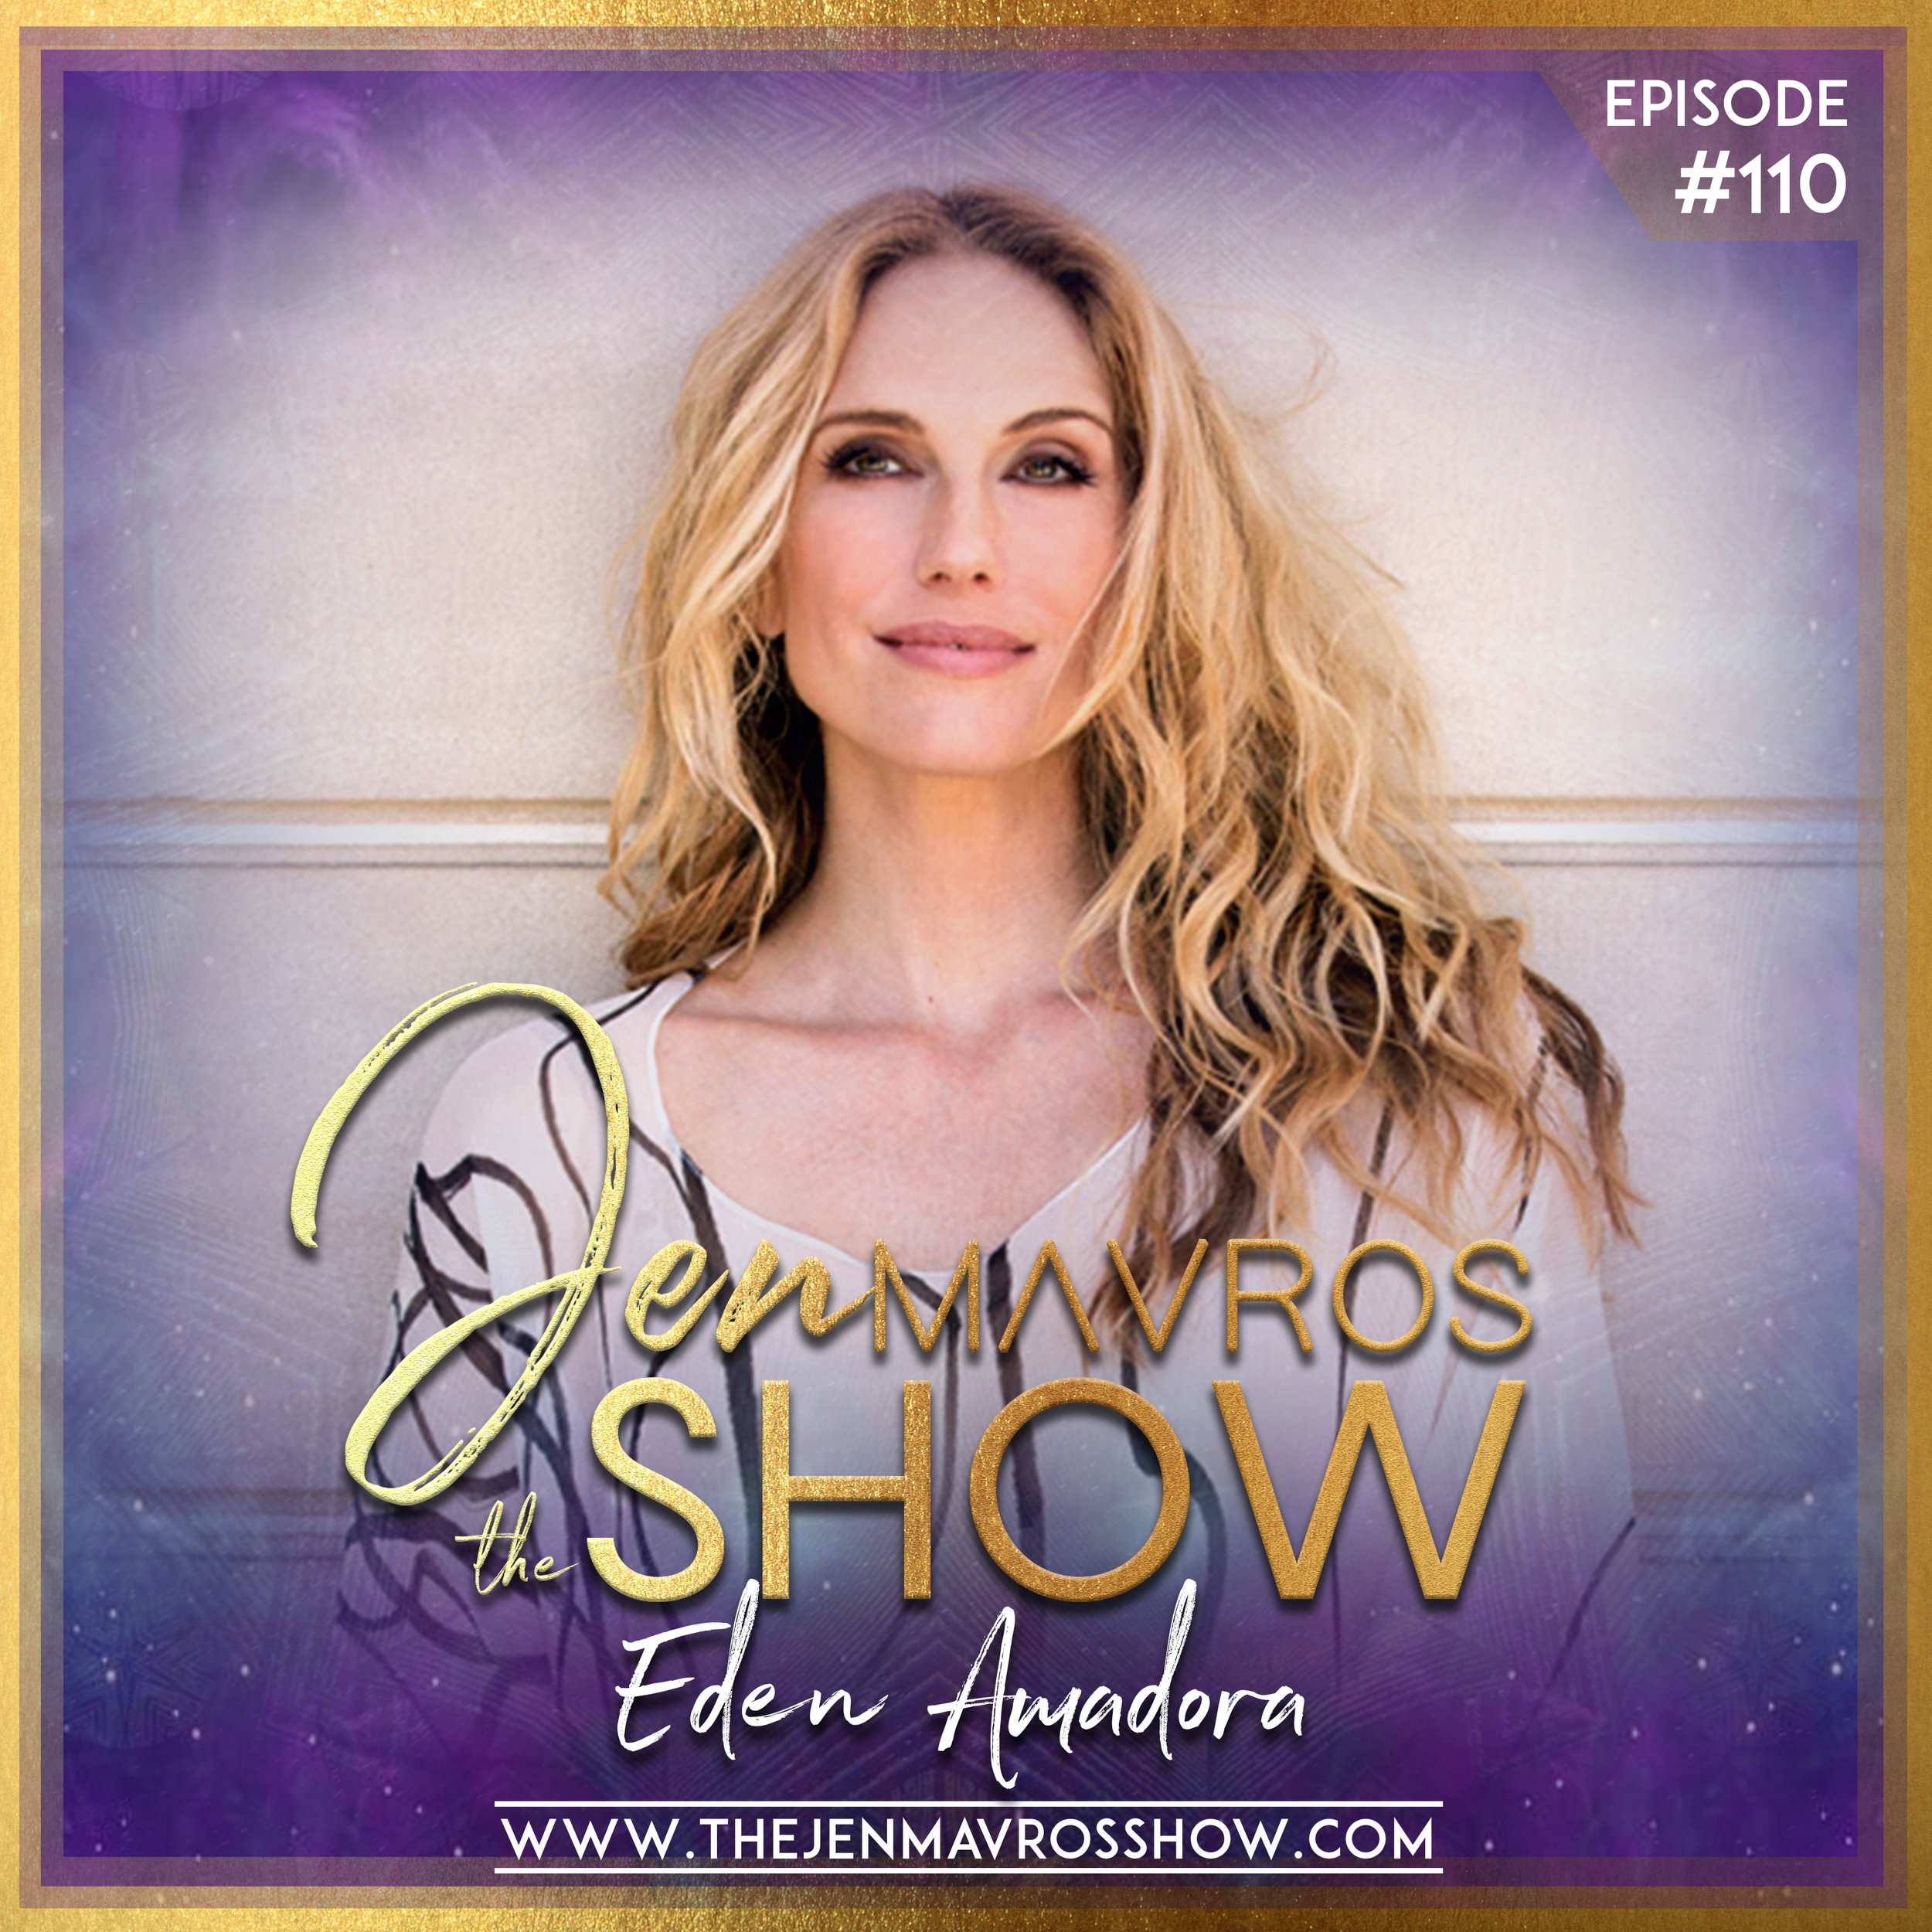 Eden Amadora - Alchemizing.